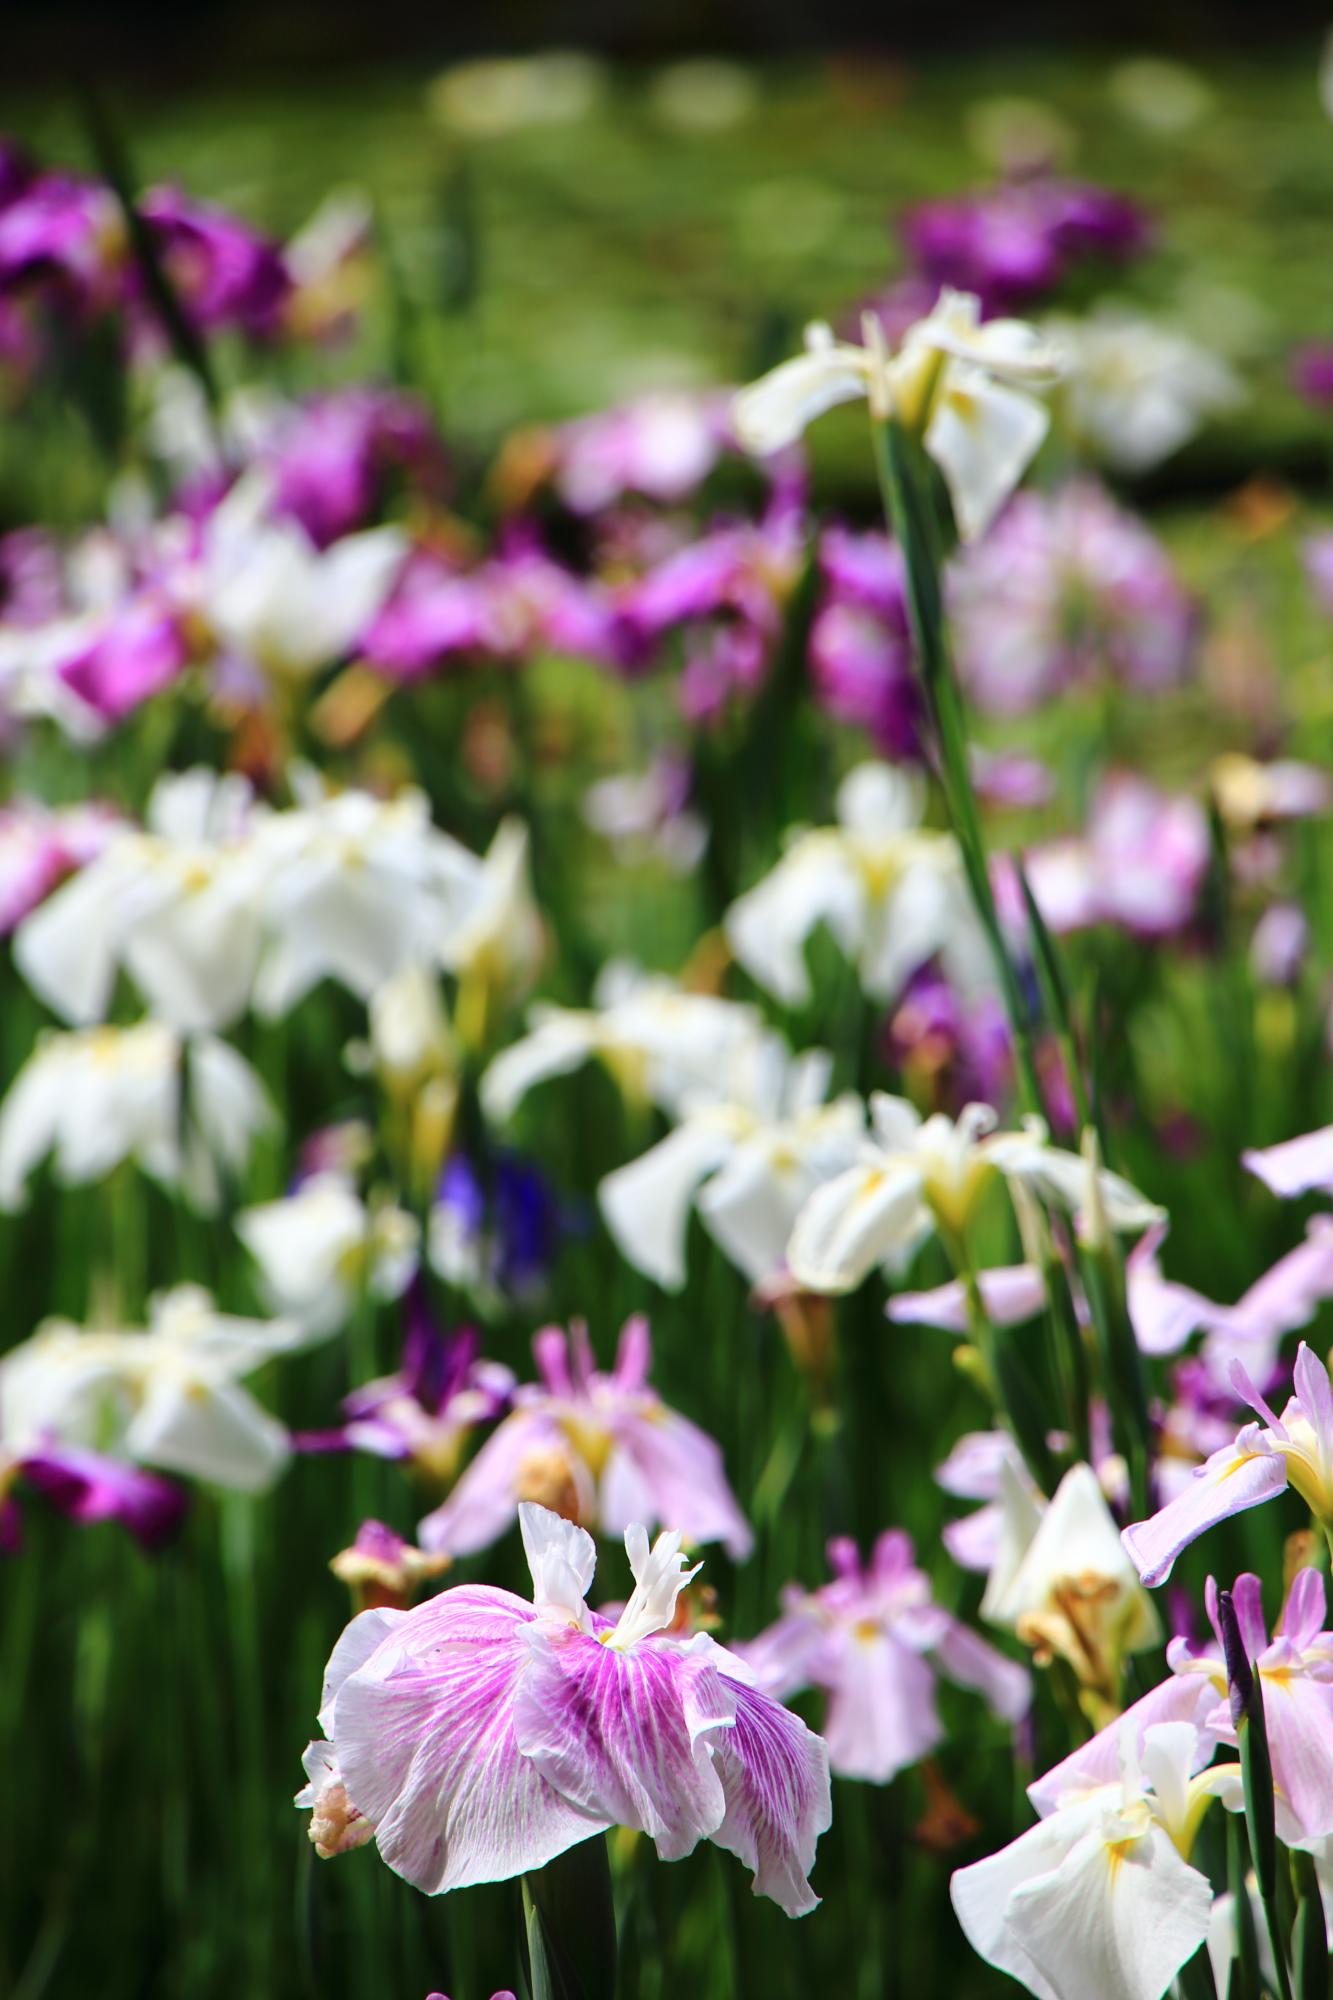 花びら一枚一枚が可憐で繊細なハナショウブの花